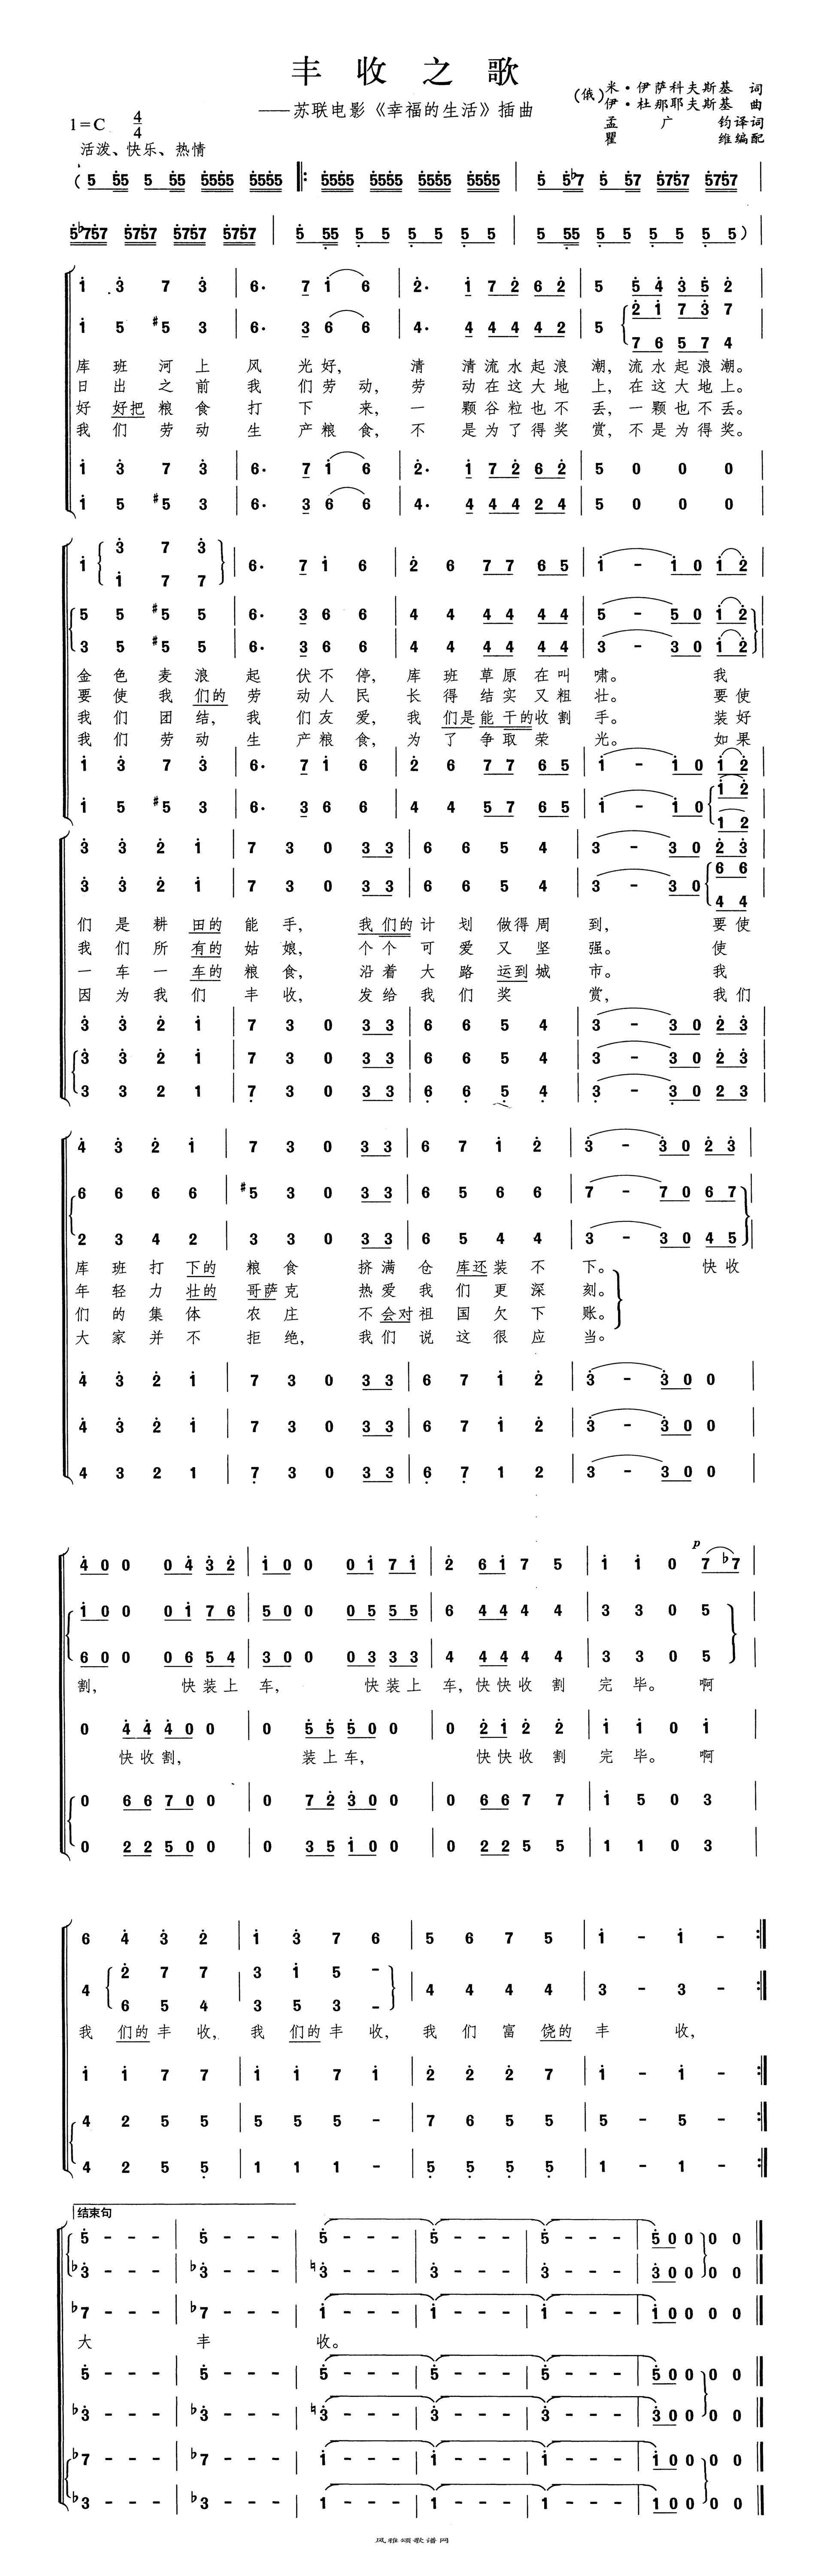 丰收之歌(外国)高清打印歌谱简谱